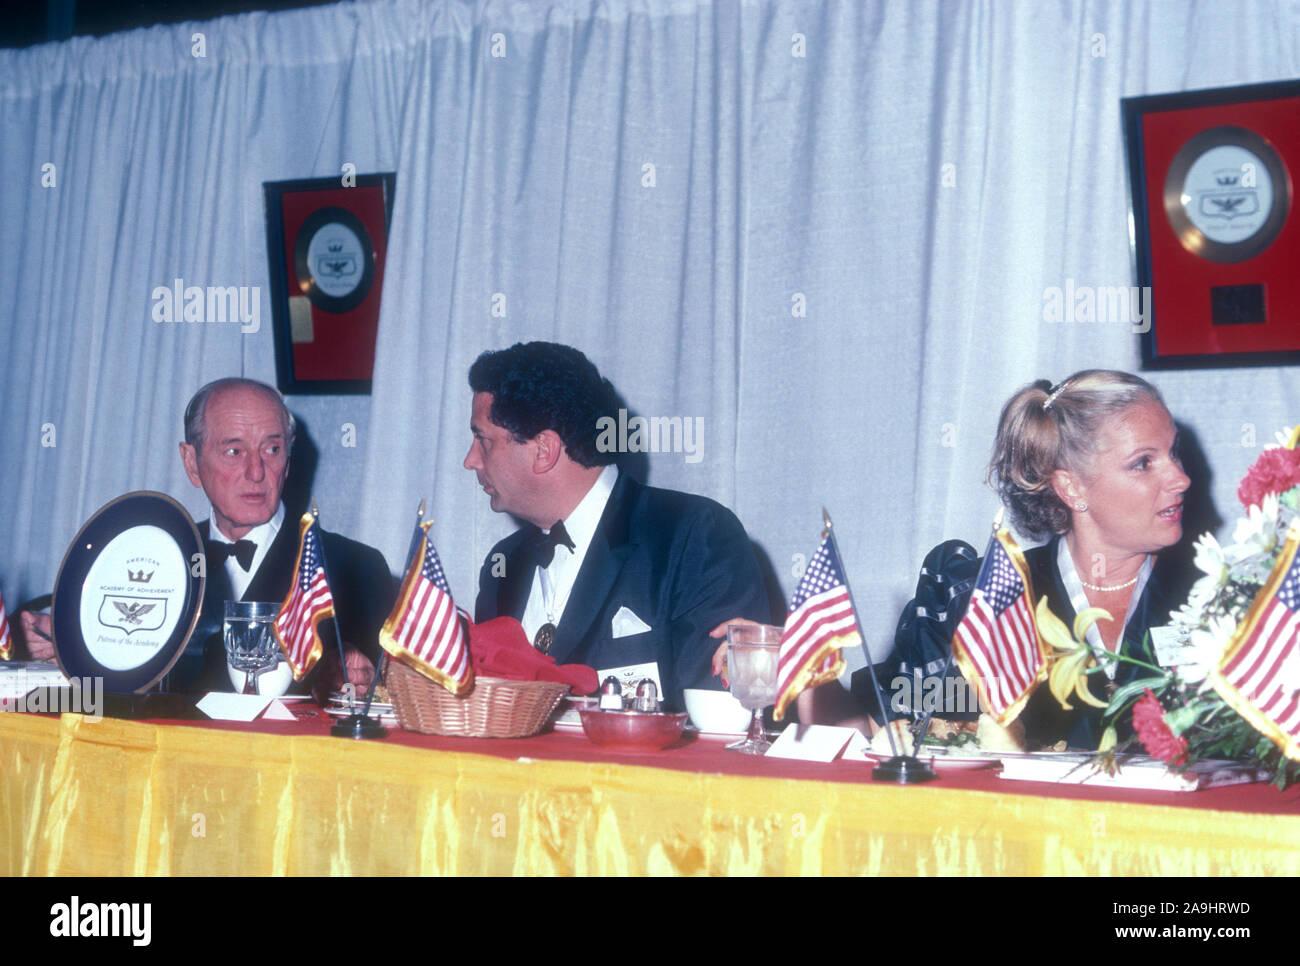 NEW ORLEANS, LA - 24 DE JUNIO: Ernie Holmes y Irwin Jacobs sentarse en una mesa durante 1982 la Academia de Logros Premios placa de oro el 24 de junio de 1982 en Nueva Orleans, Luisiana. (Foto por Hy Peskin) *** Local Caption *** Ernie Holmes;Irwin Jacobs Foto de stock